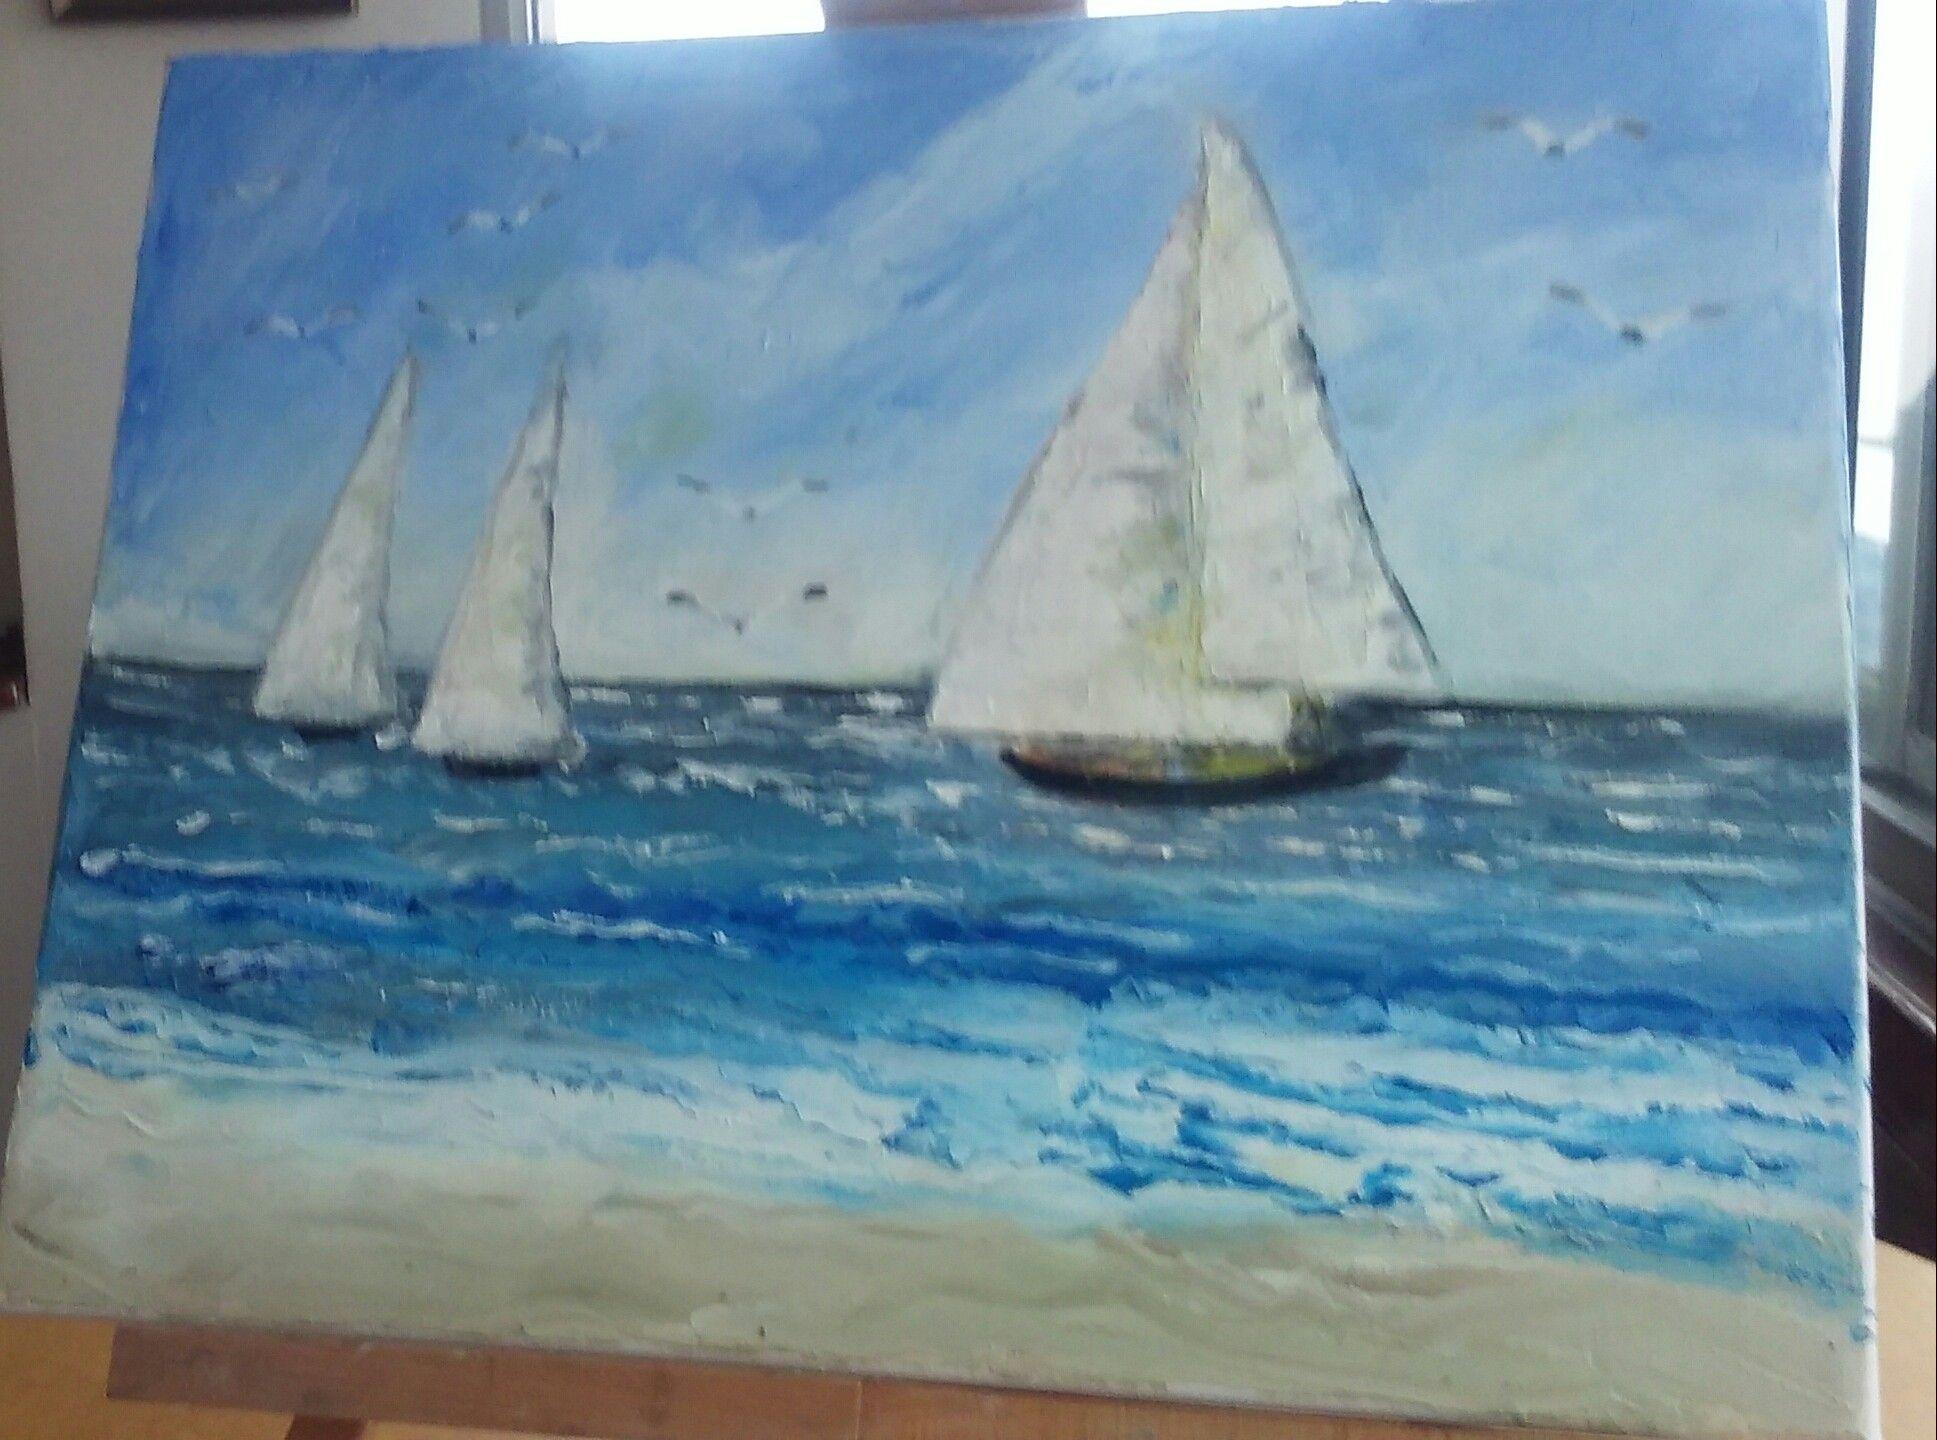 Marina. Creado por Correa Stankevicaite - tettor.